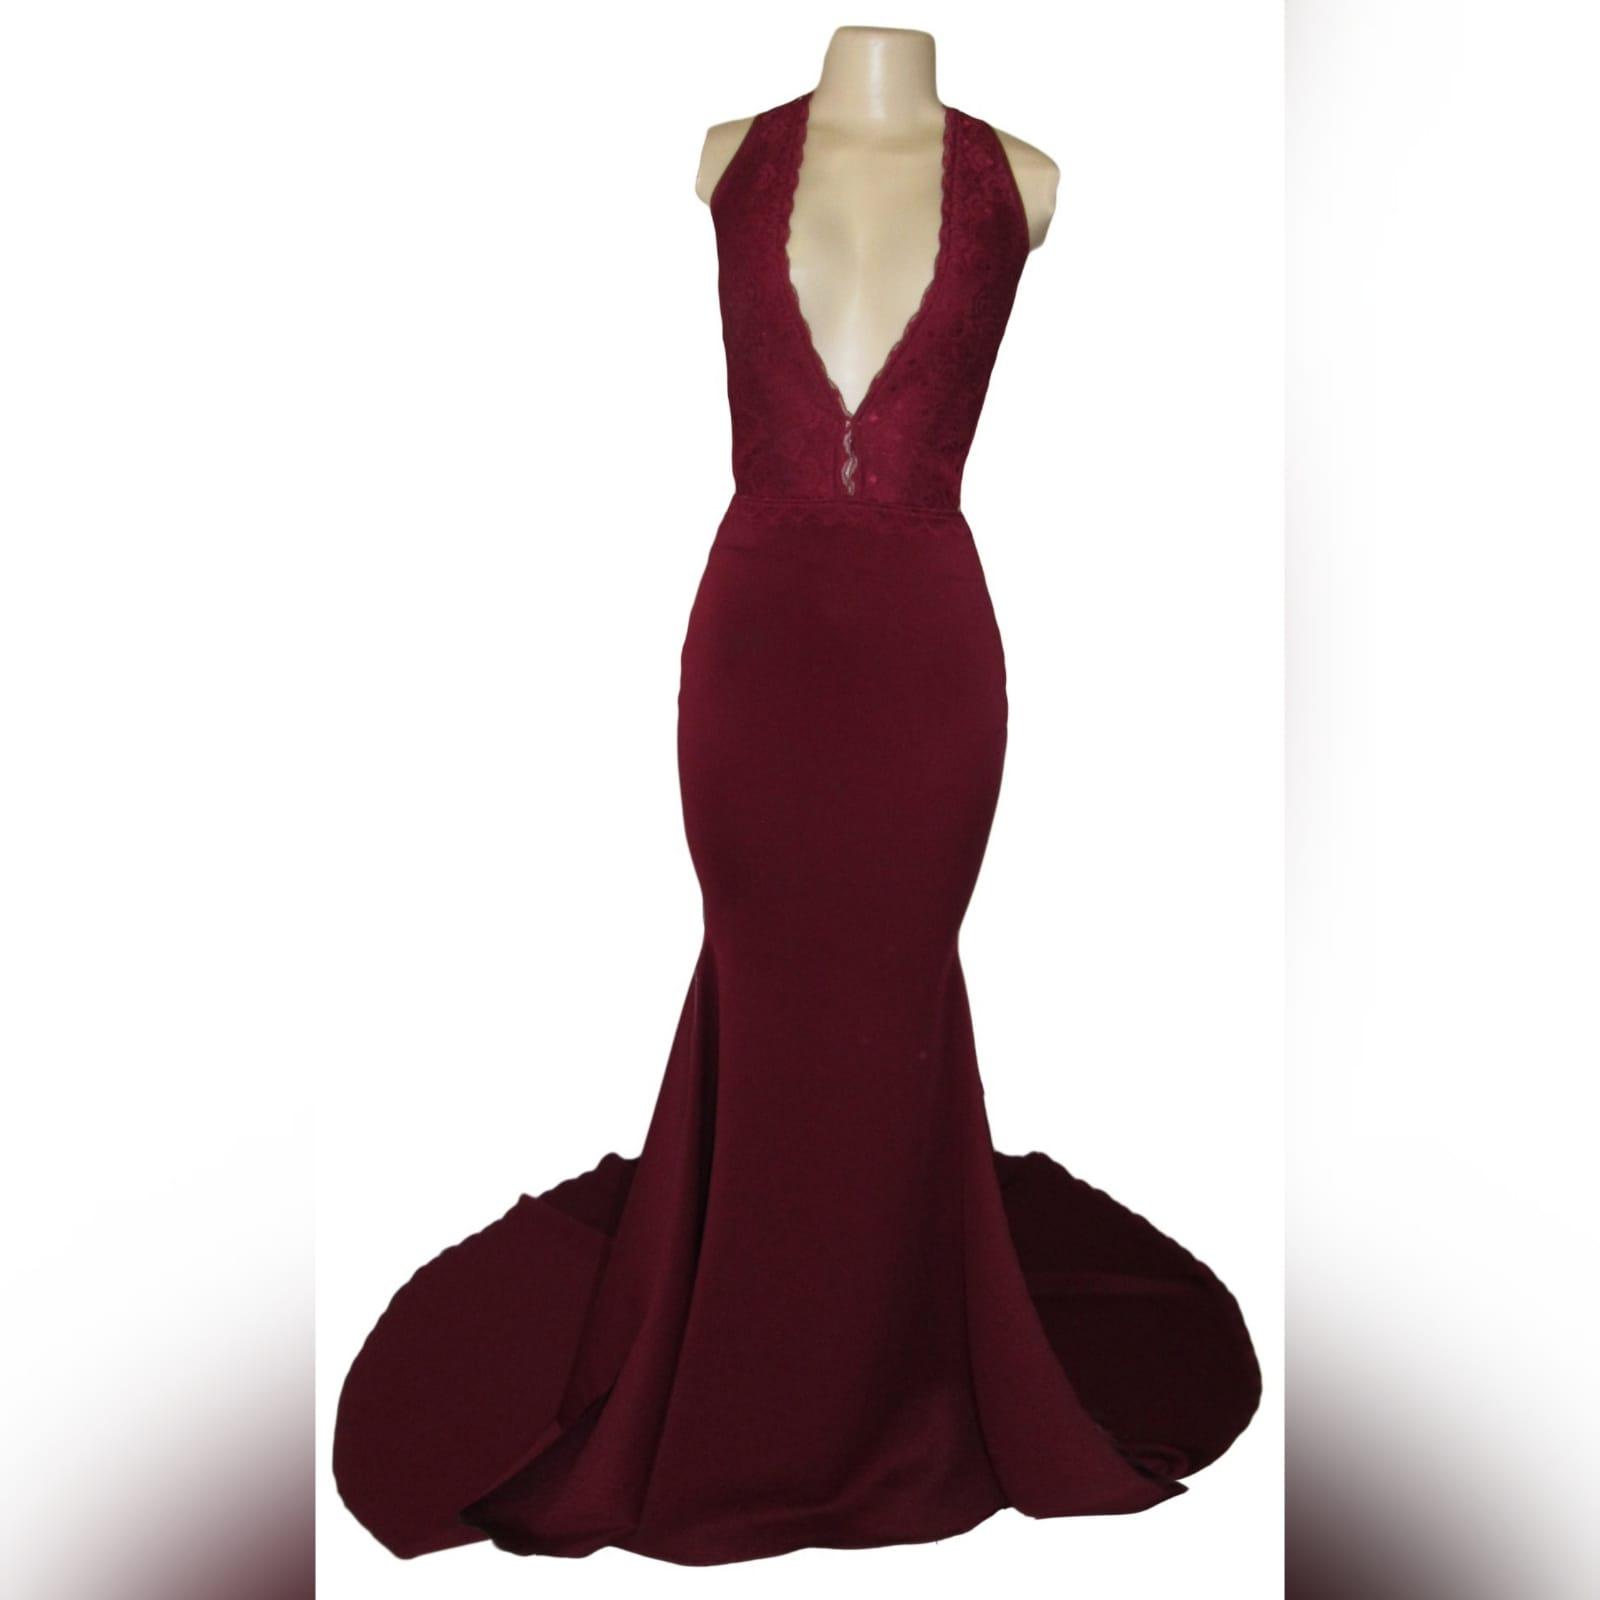 Vestido de finalistas sereia suave cor vinho 3 vestido de finalistas sereia suave cor vinho, com corpete de renda, decote profundo, com uma cauda e uma abertura nas costas detalhada com tiras de renda.